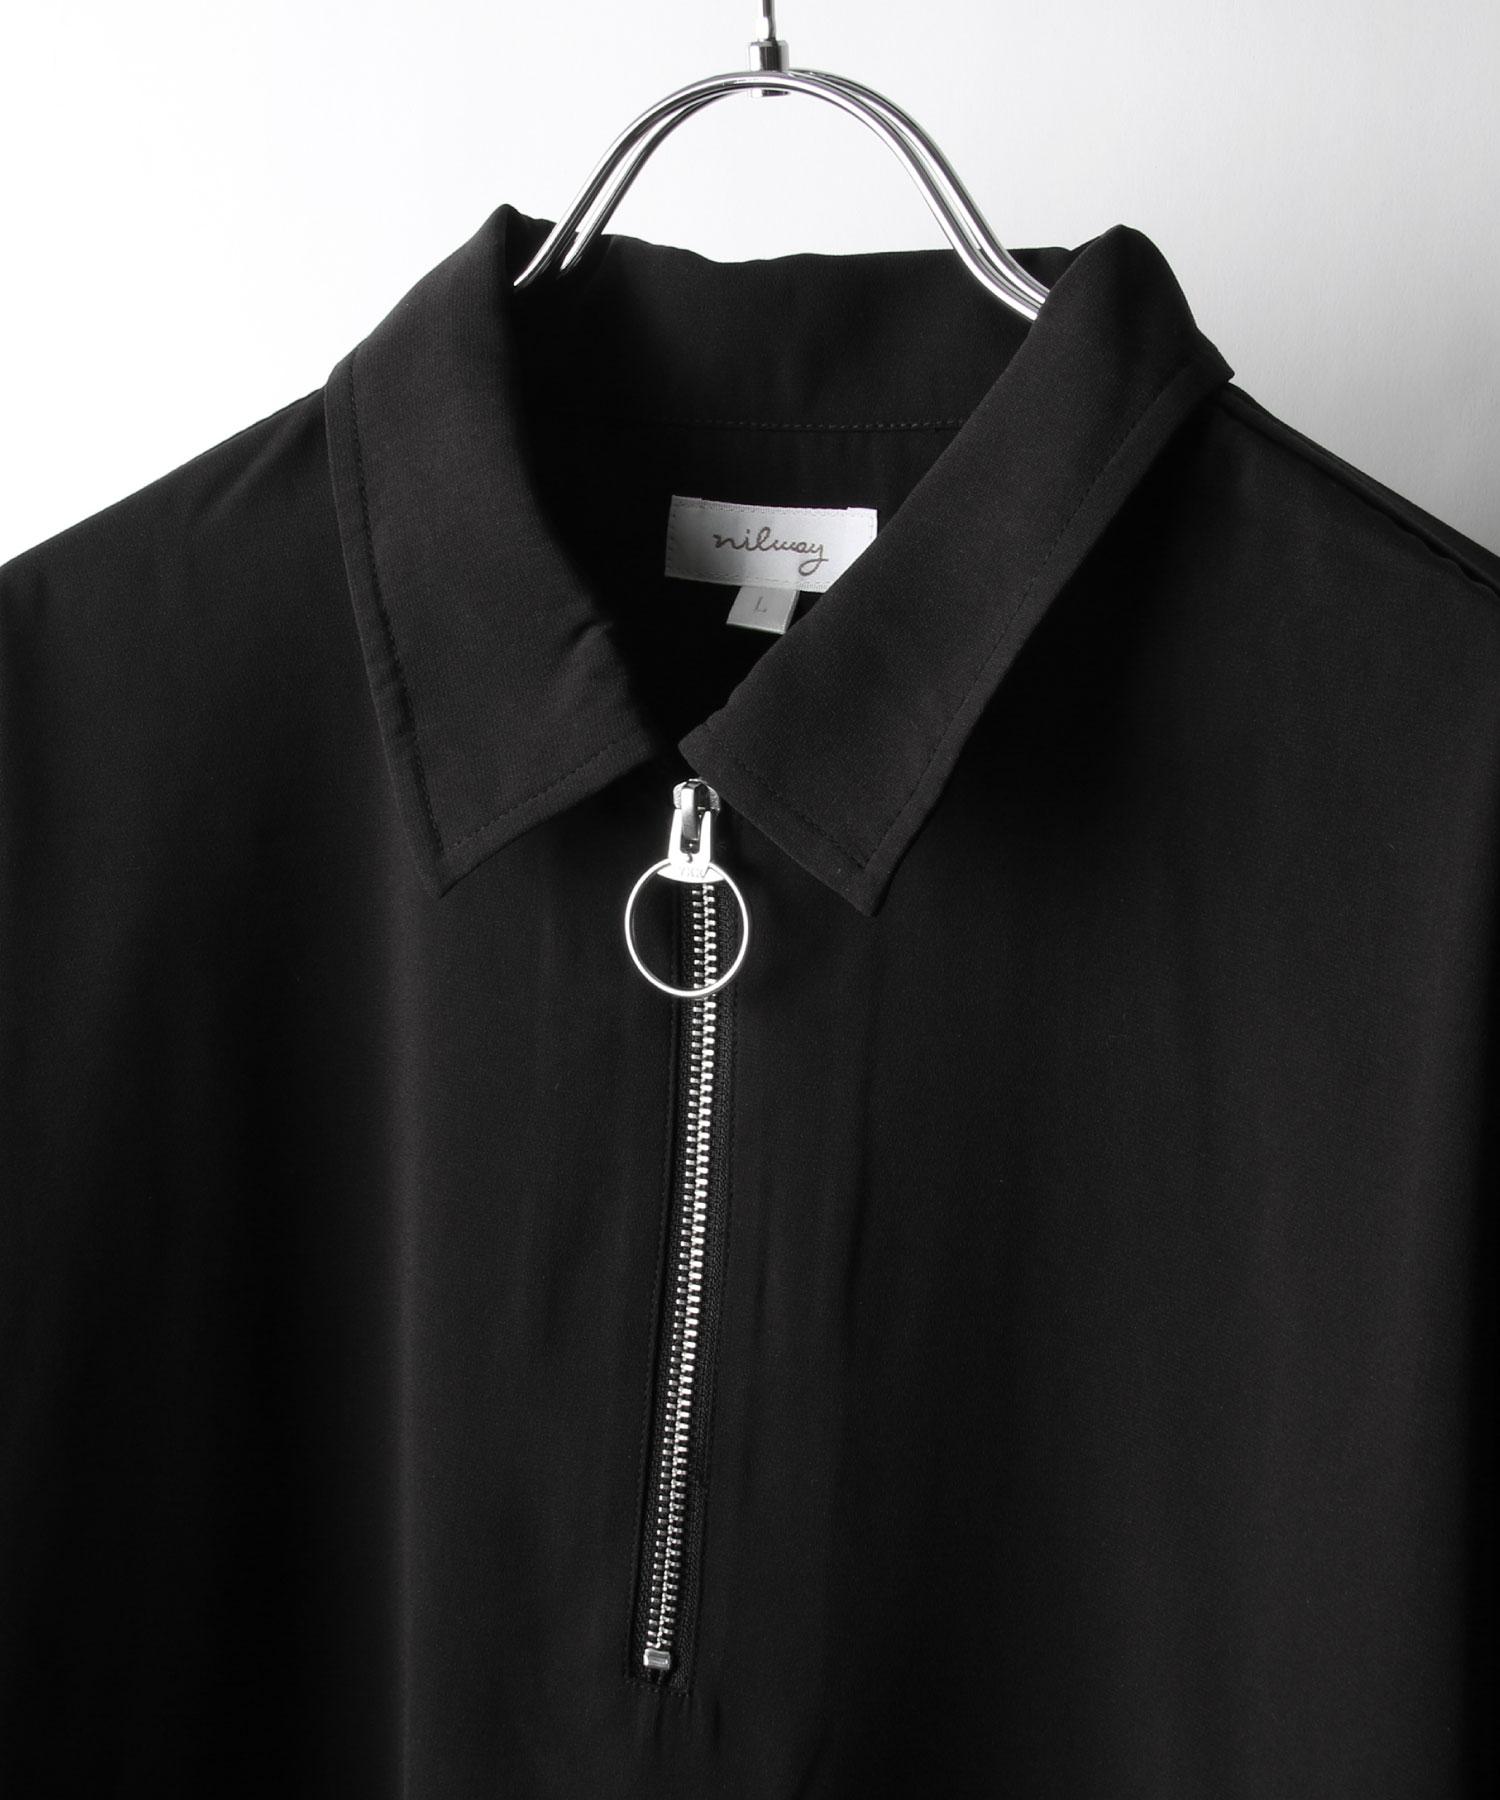 【Nilway】半拉鍊套頭衫 4